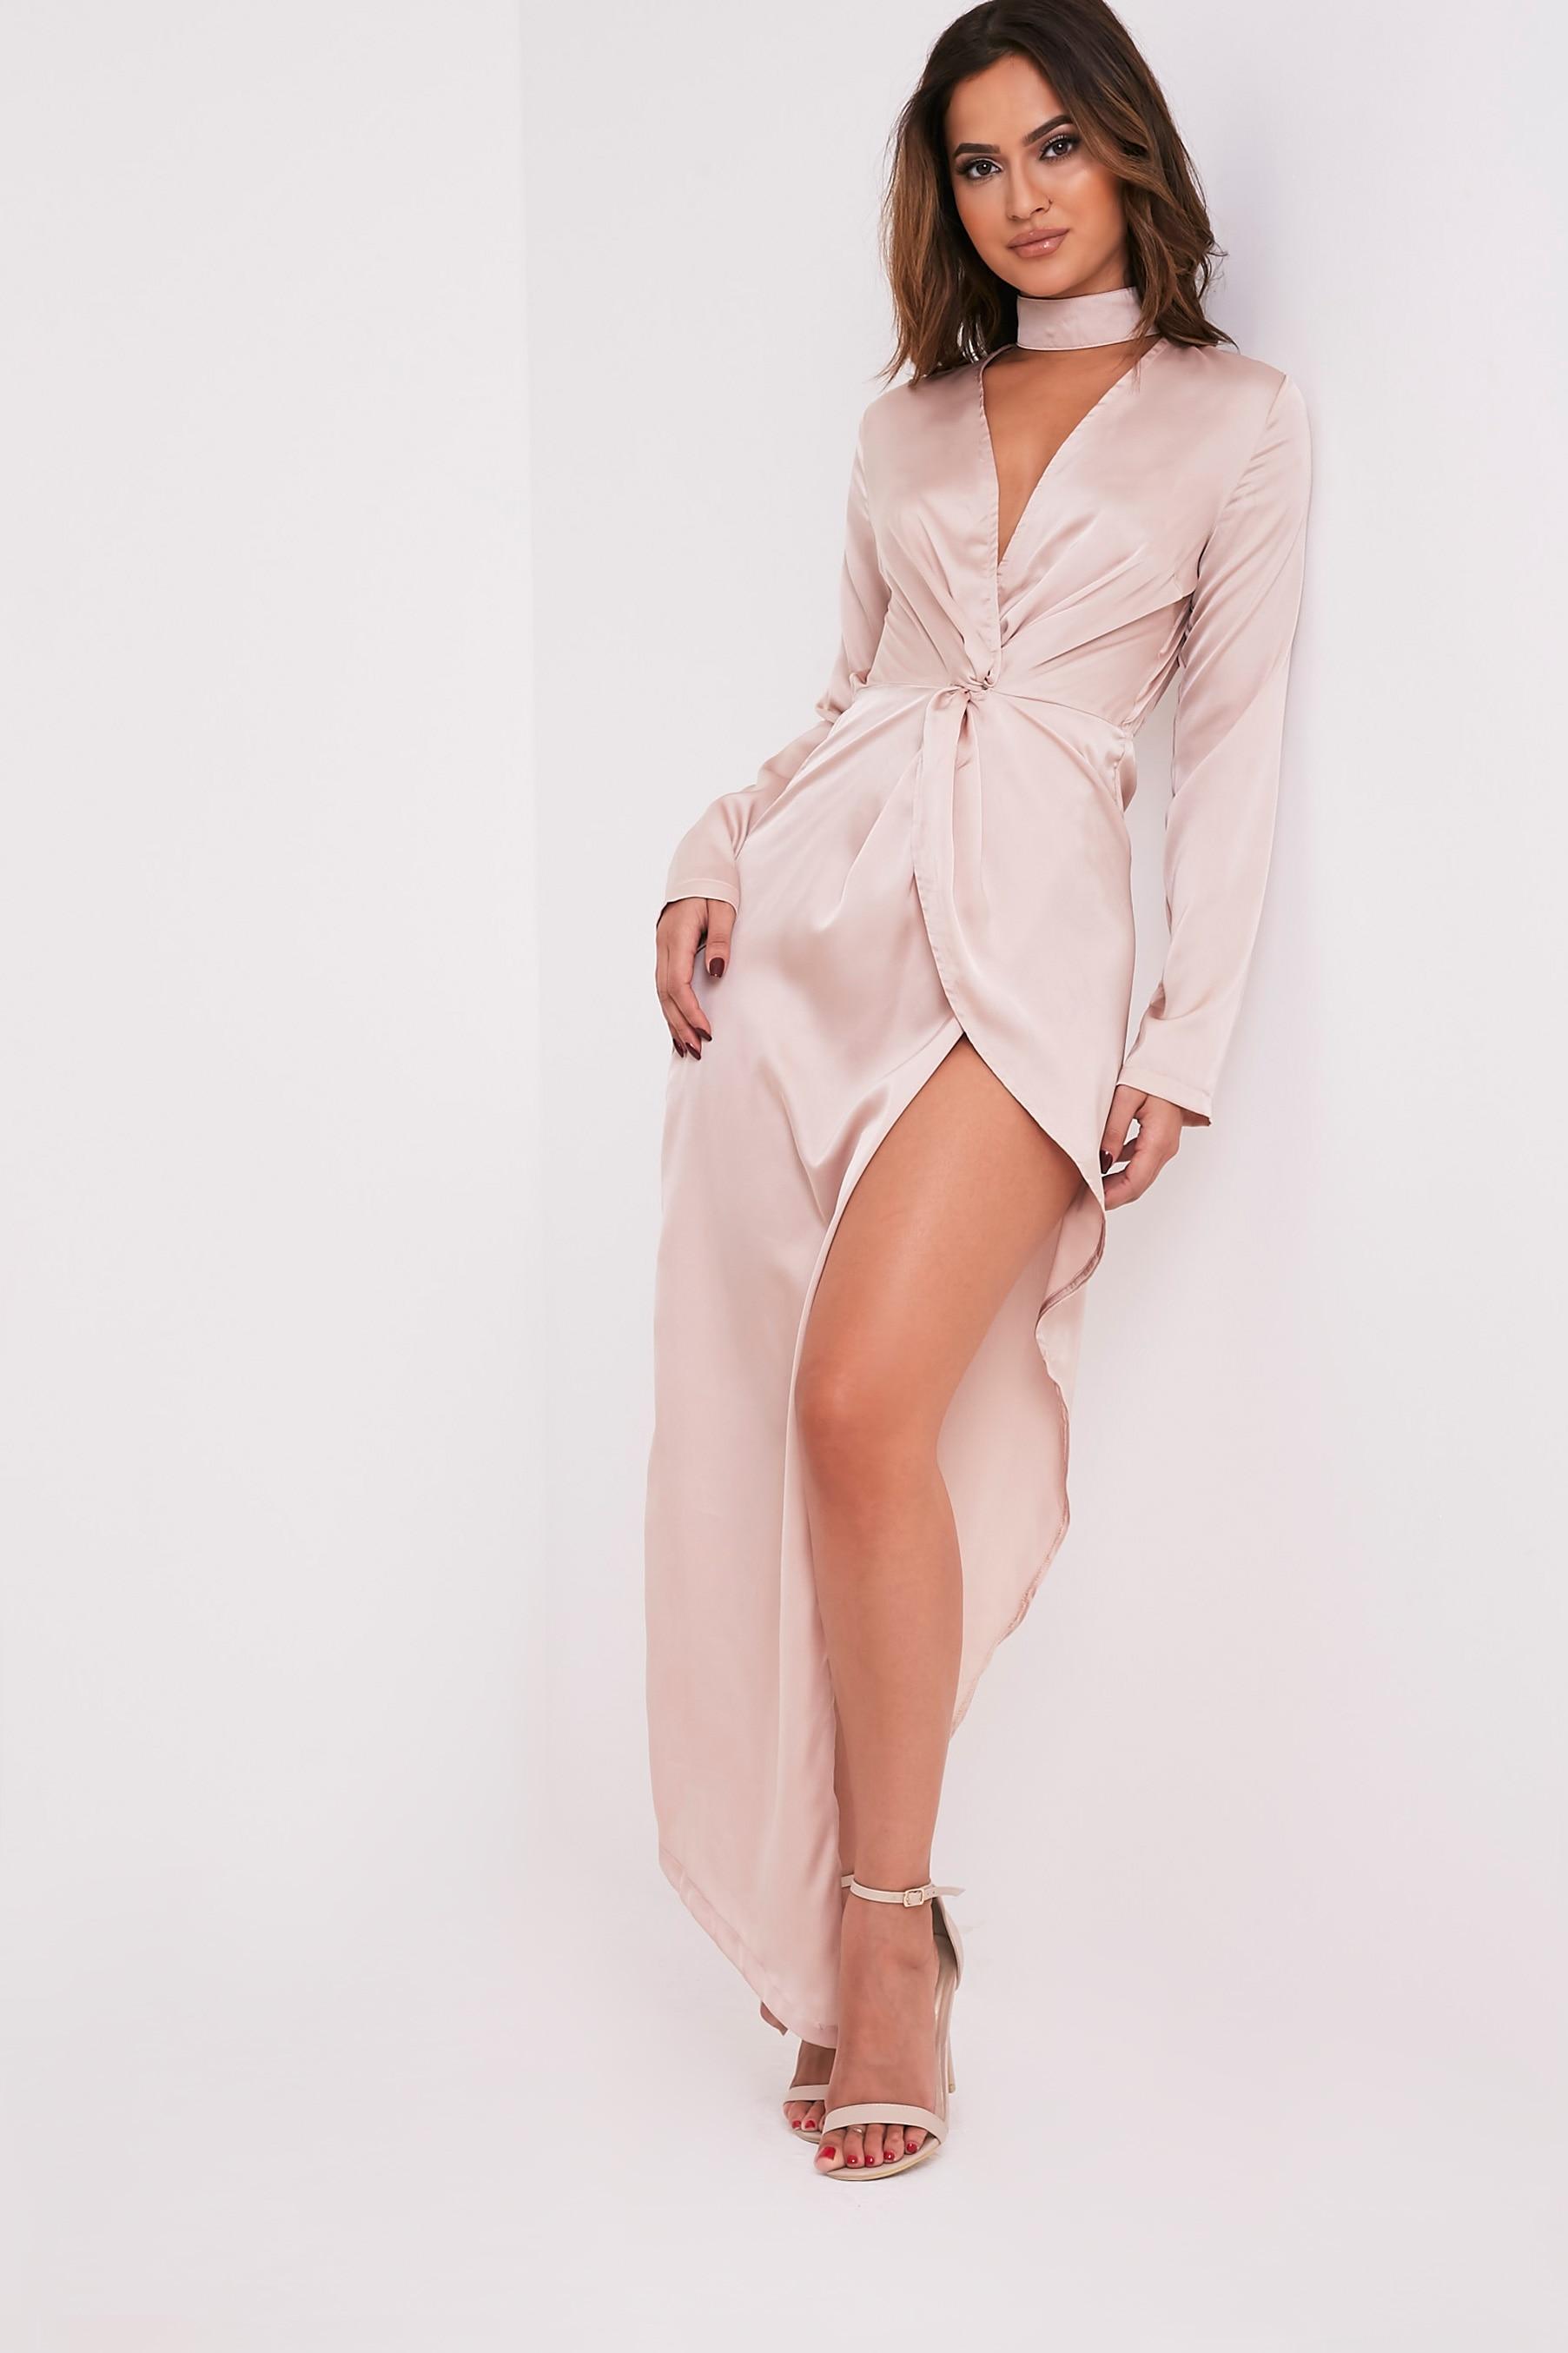 Melody Champagne Choker Detail Asymmetric Maxi Dress 4